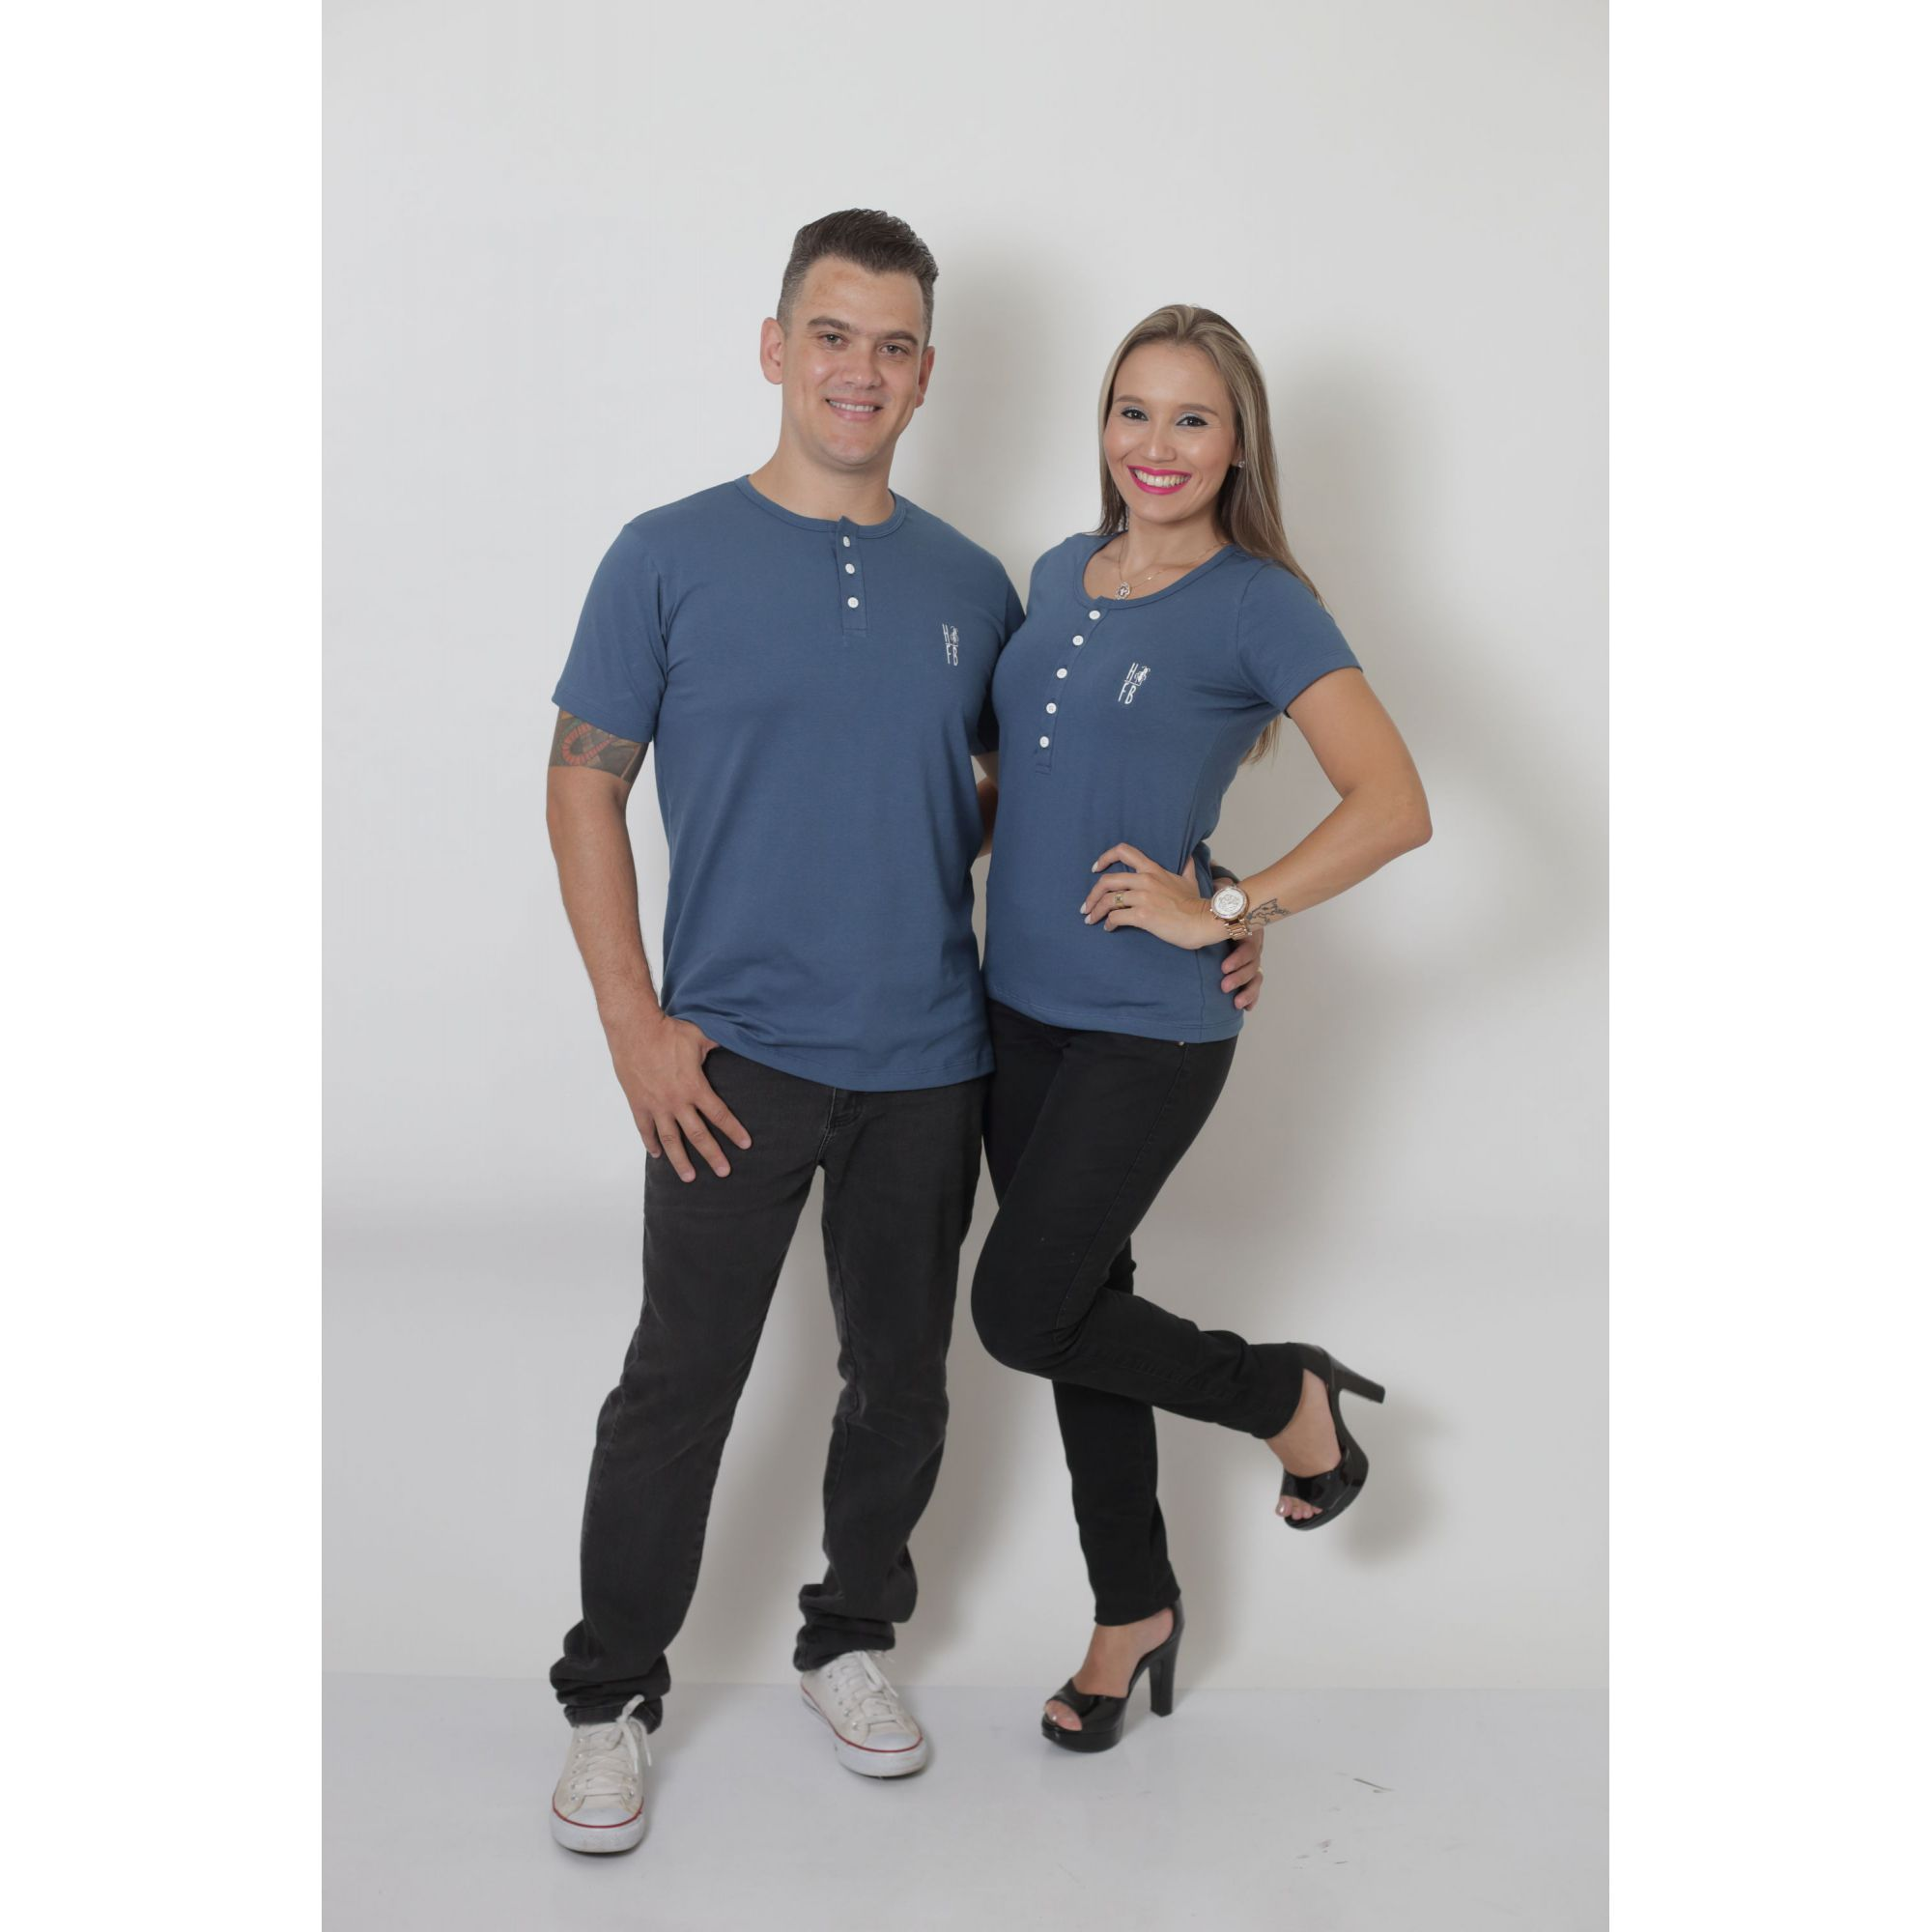 NAMORADOS > Kit 02 Peças T-Shirt Henley Azul Petróleo Masculina + Feminina [Coleção Namorados]  - Heitor Fashion Brazil